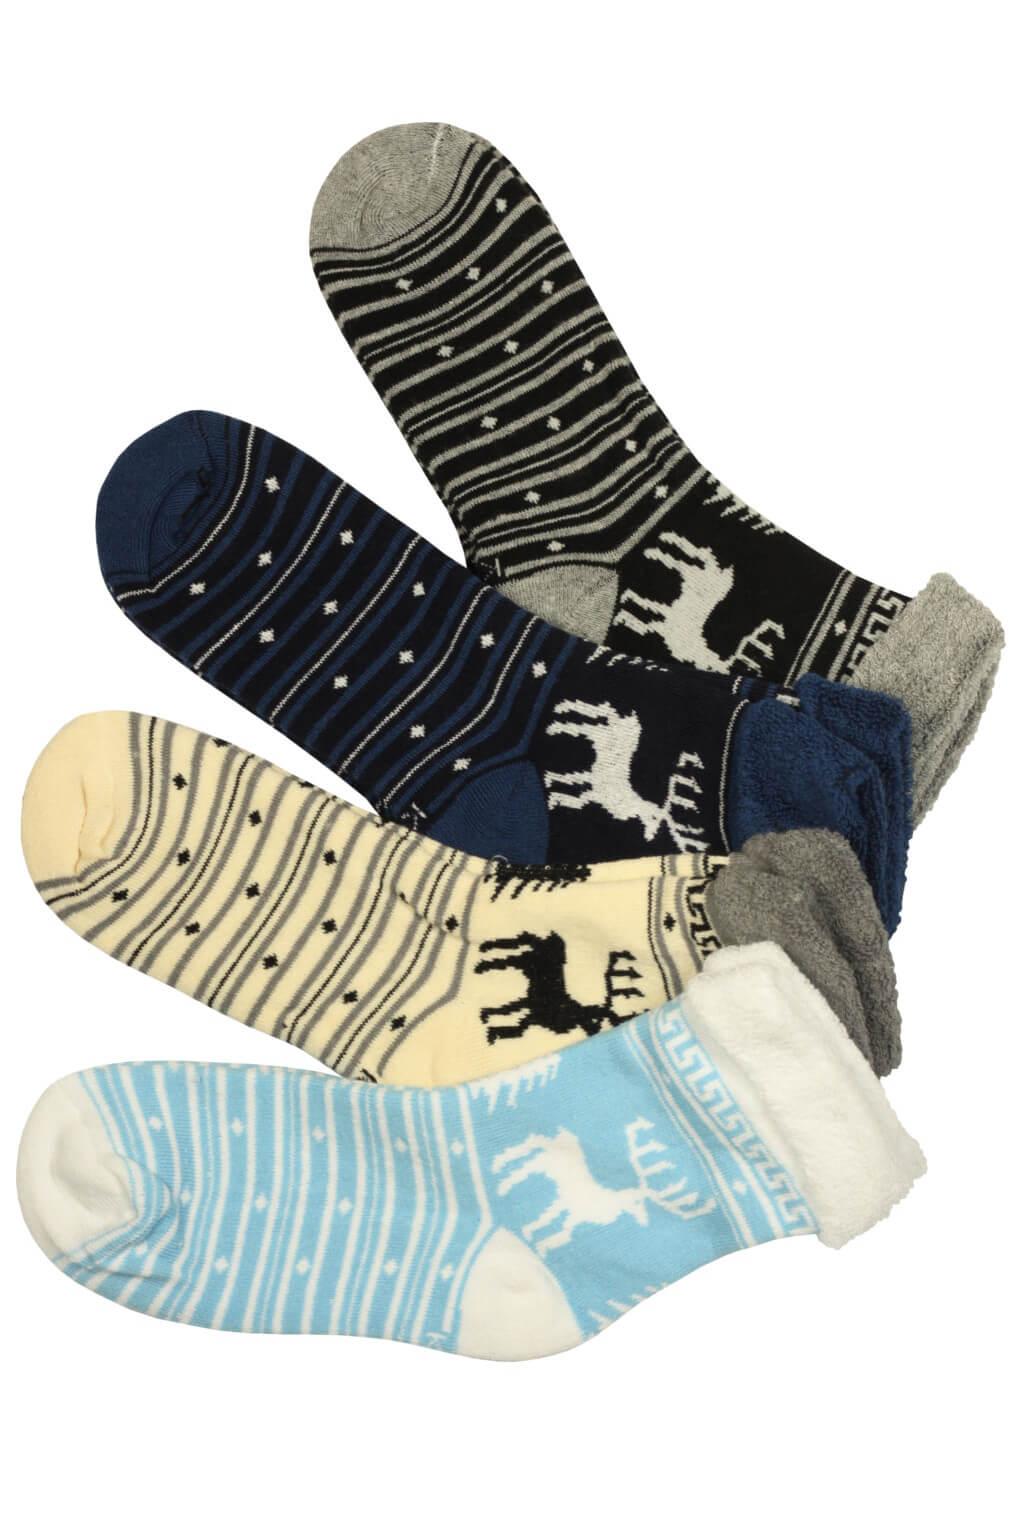 Dámské vánoční ponožky thermo - 3 bal 35-38 MIX